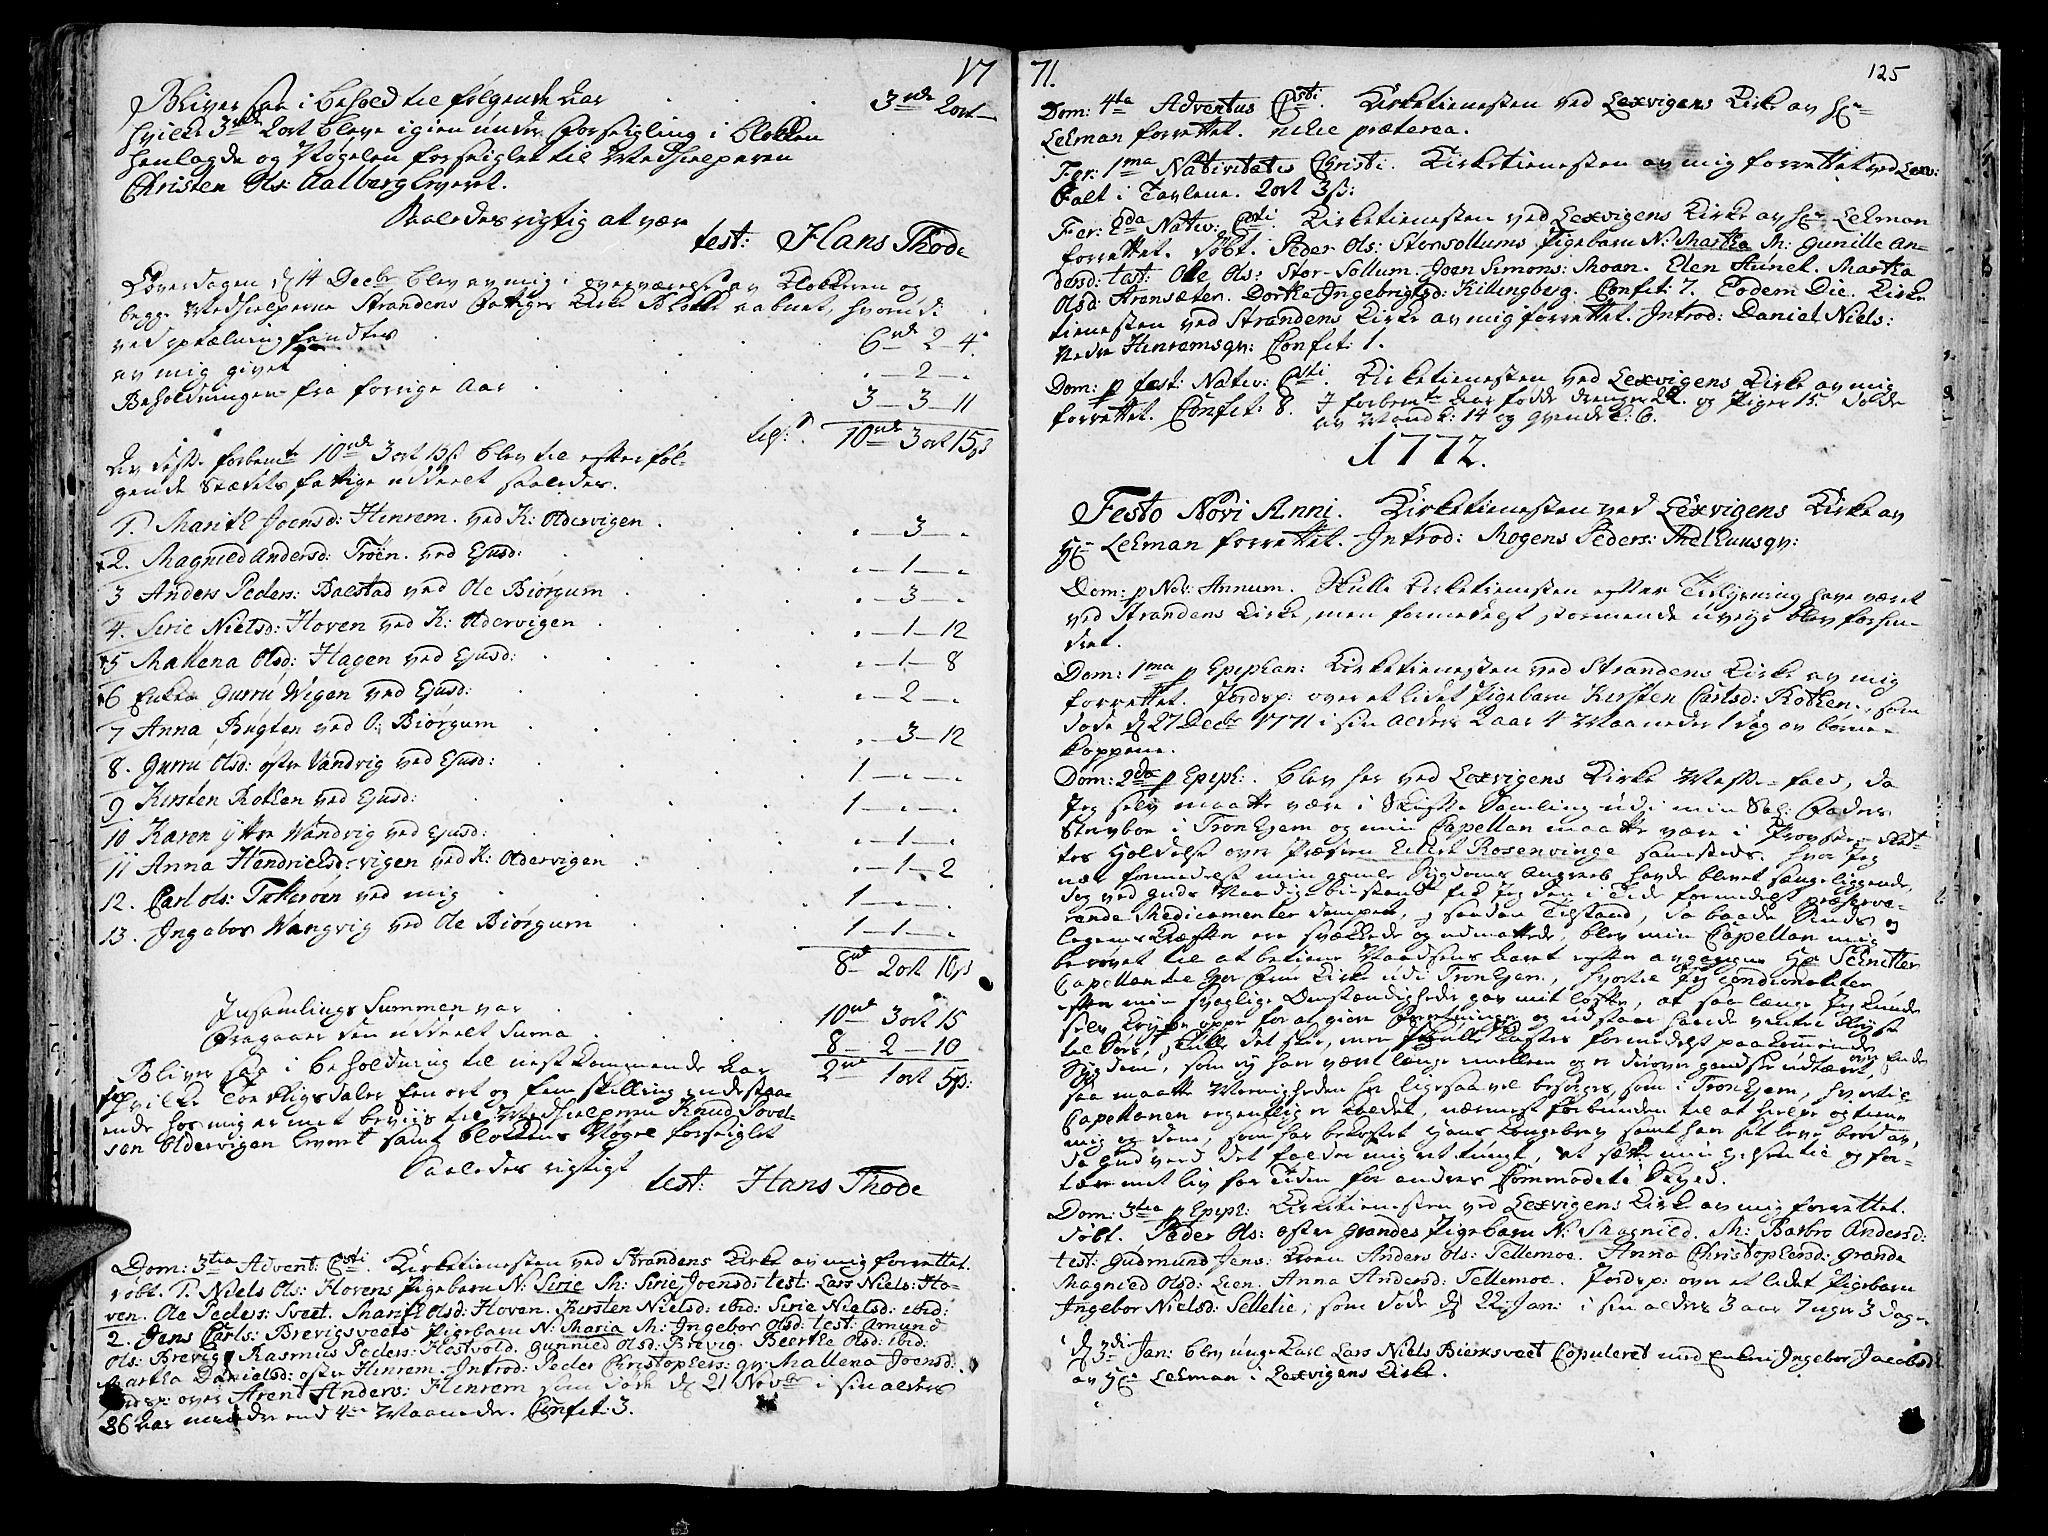 SAT, Ministerialprotokoller, klokkerbøker og fødselsregistre - Nord-Trøndelag, 701/L0003: Ministerialbok nr. 701A03, 1751-1783, s. 125